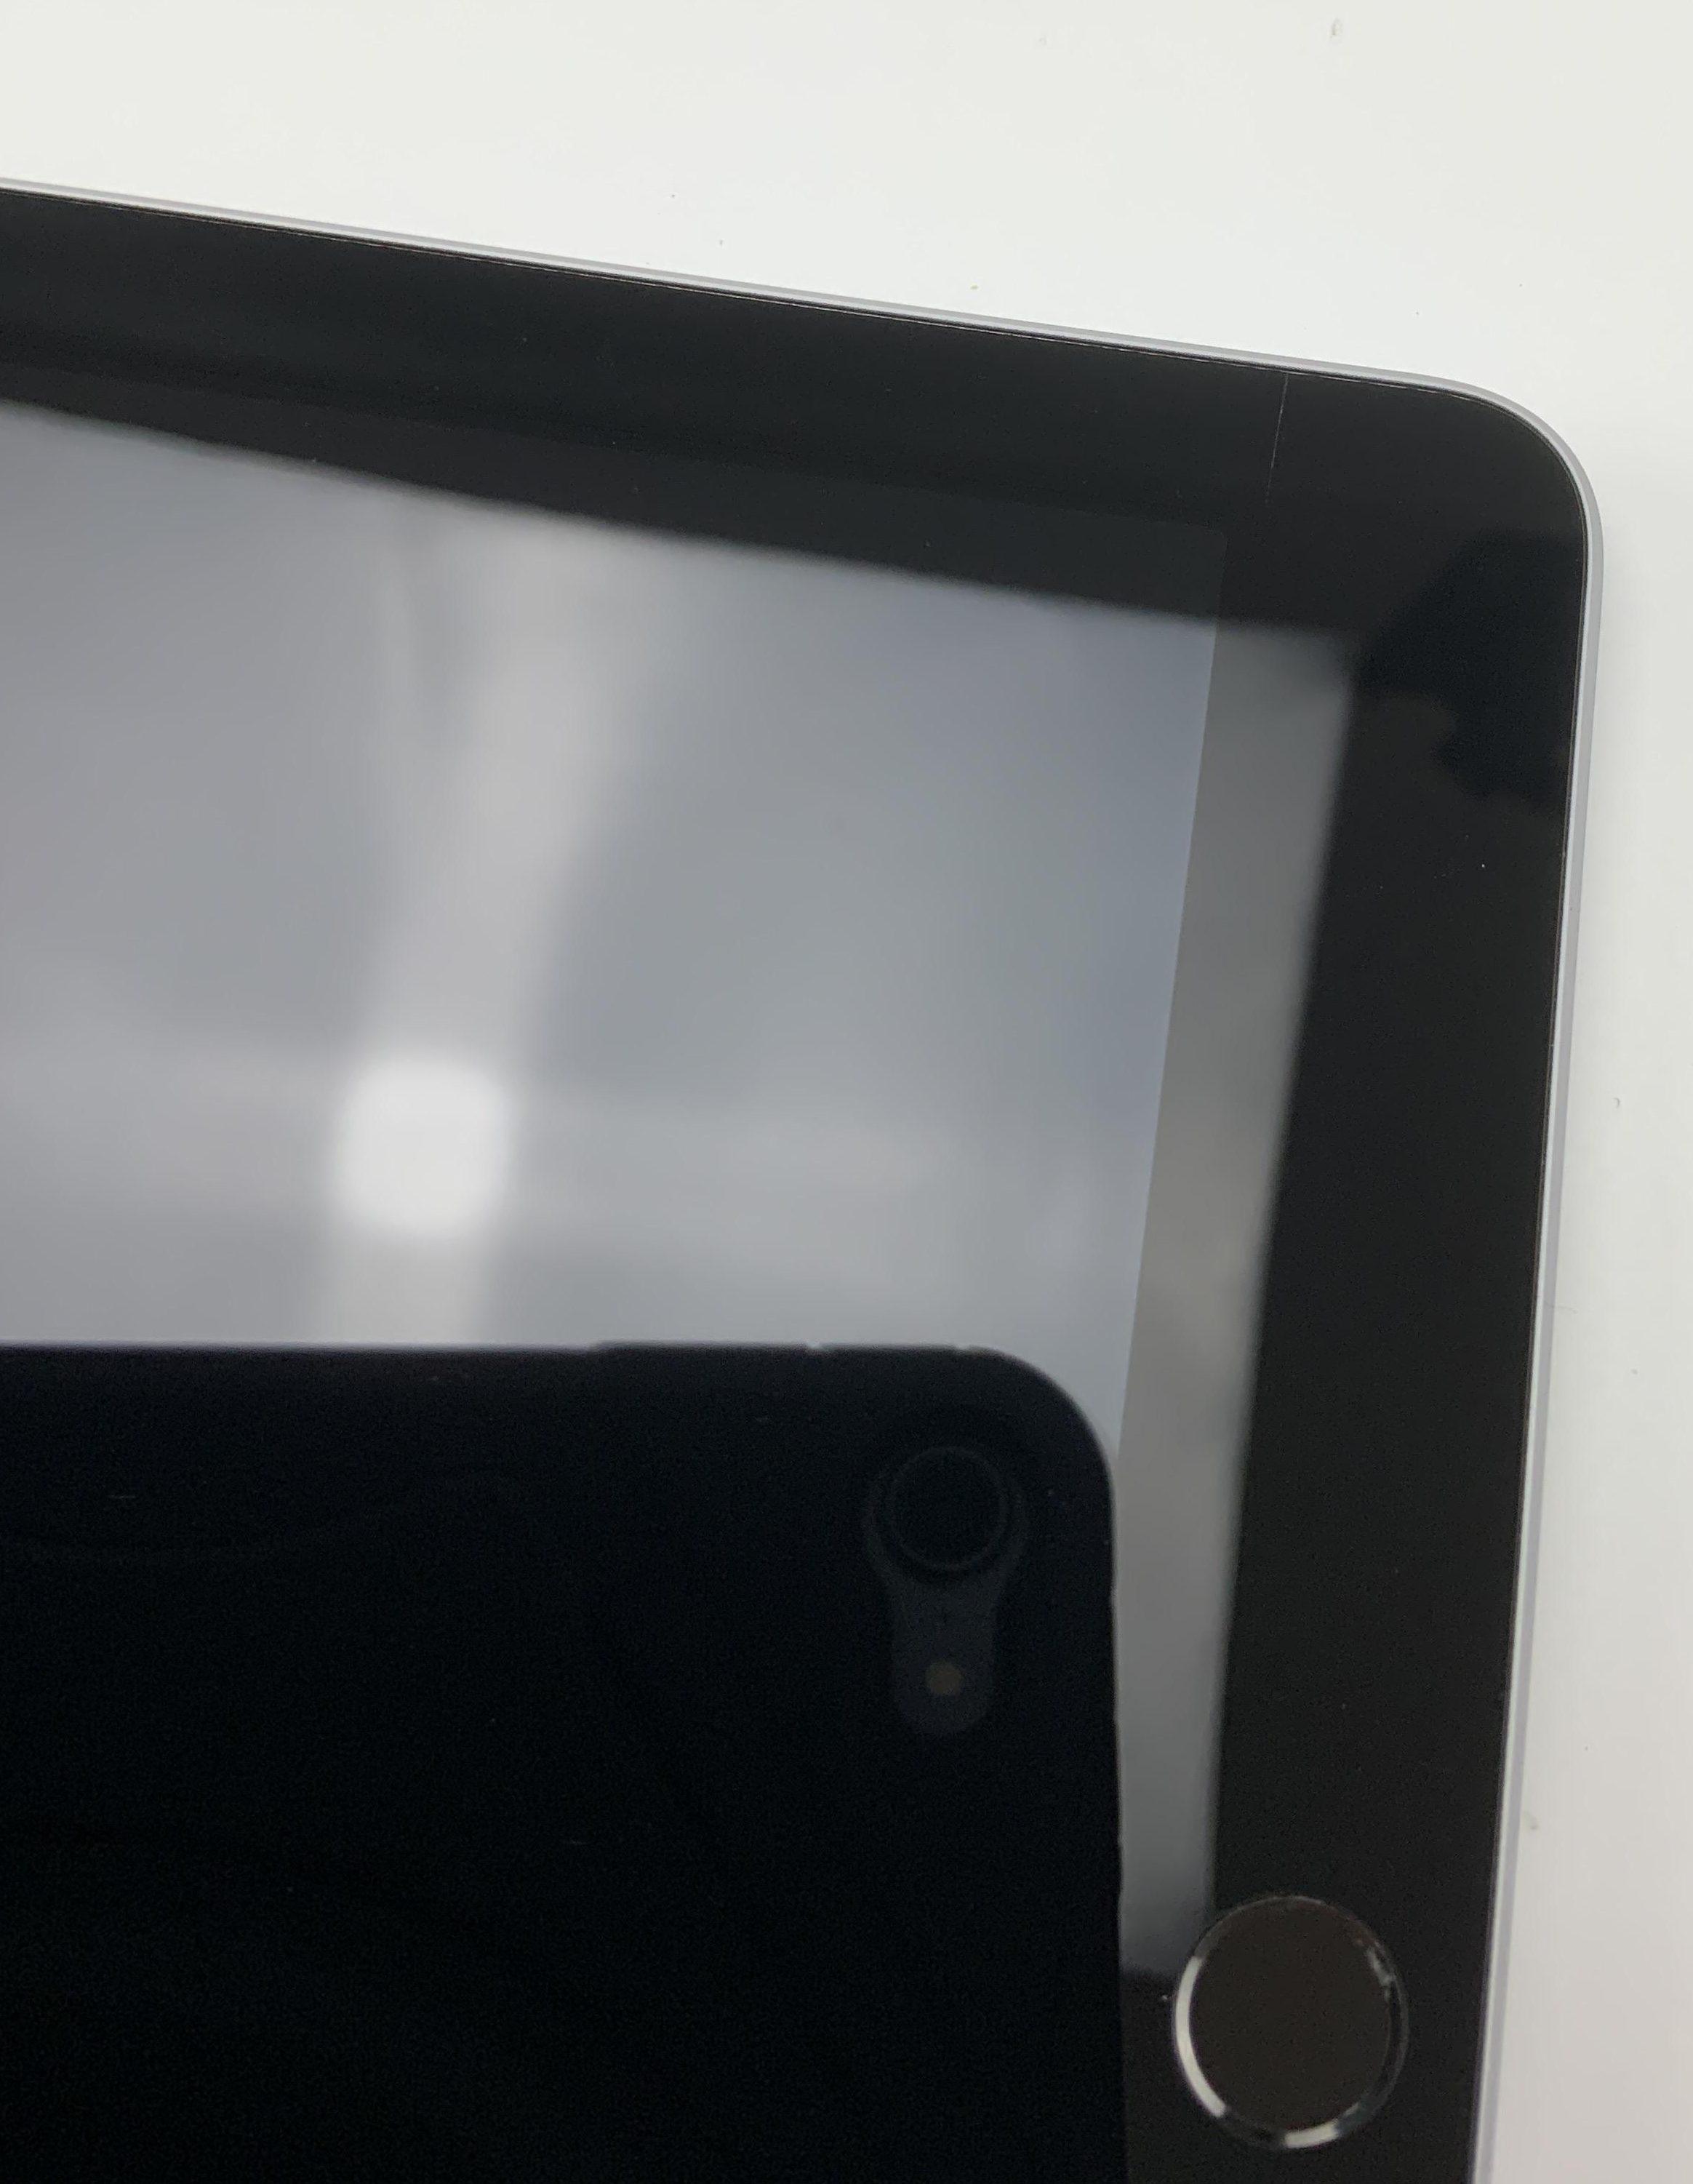 iPad 6 Wi-Fi 128GB, 128GB, Space Gray, imagen 4